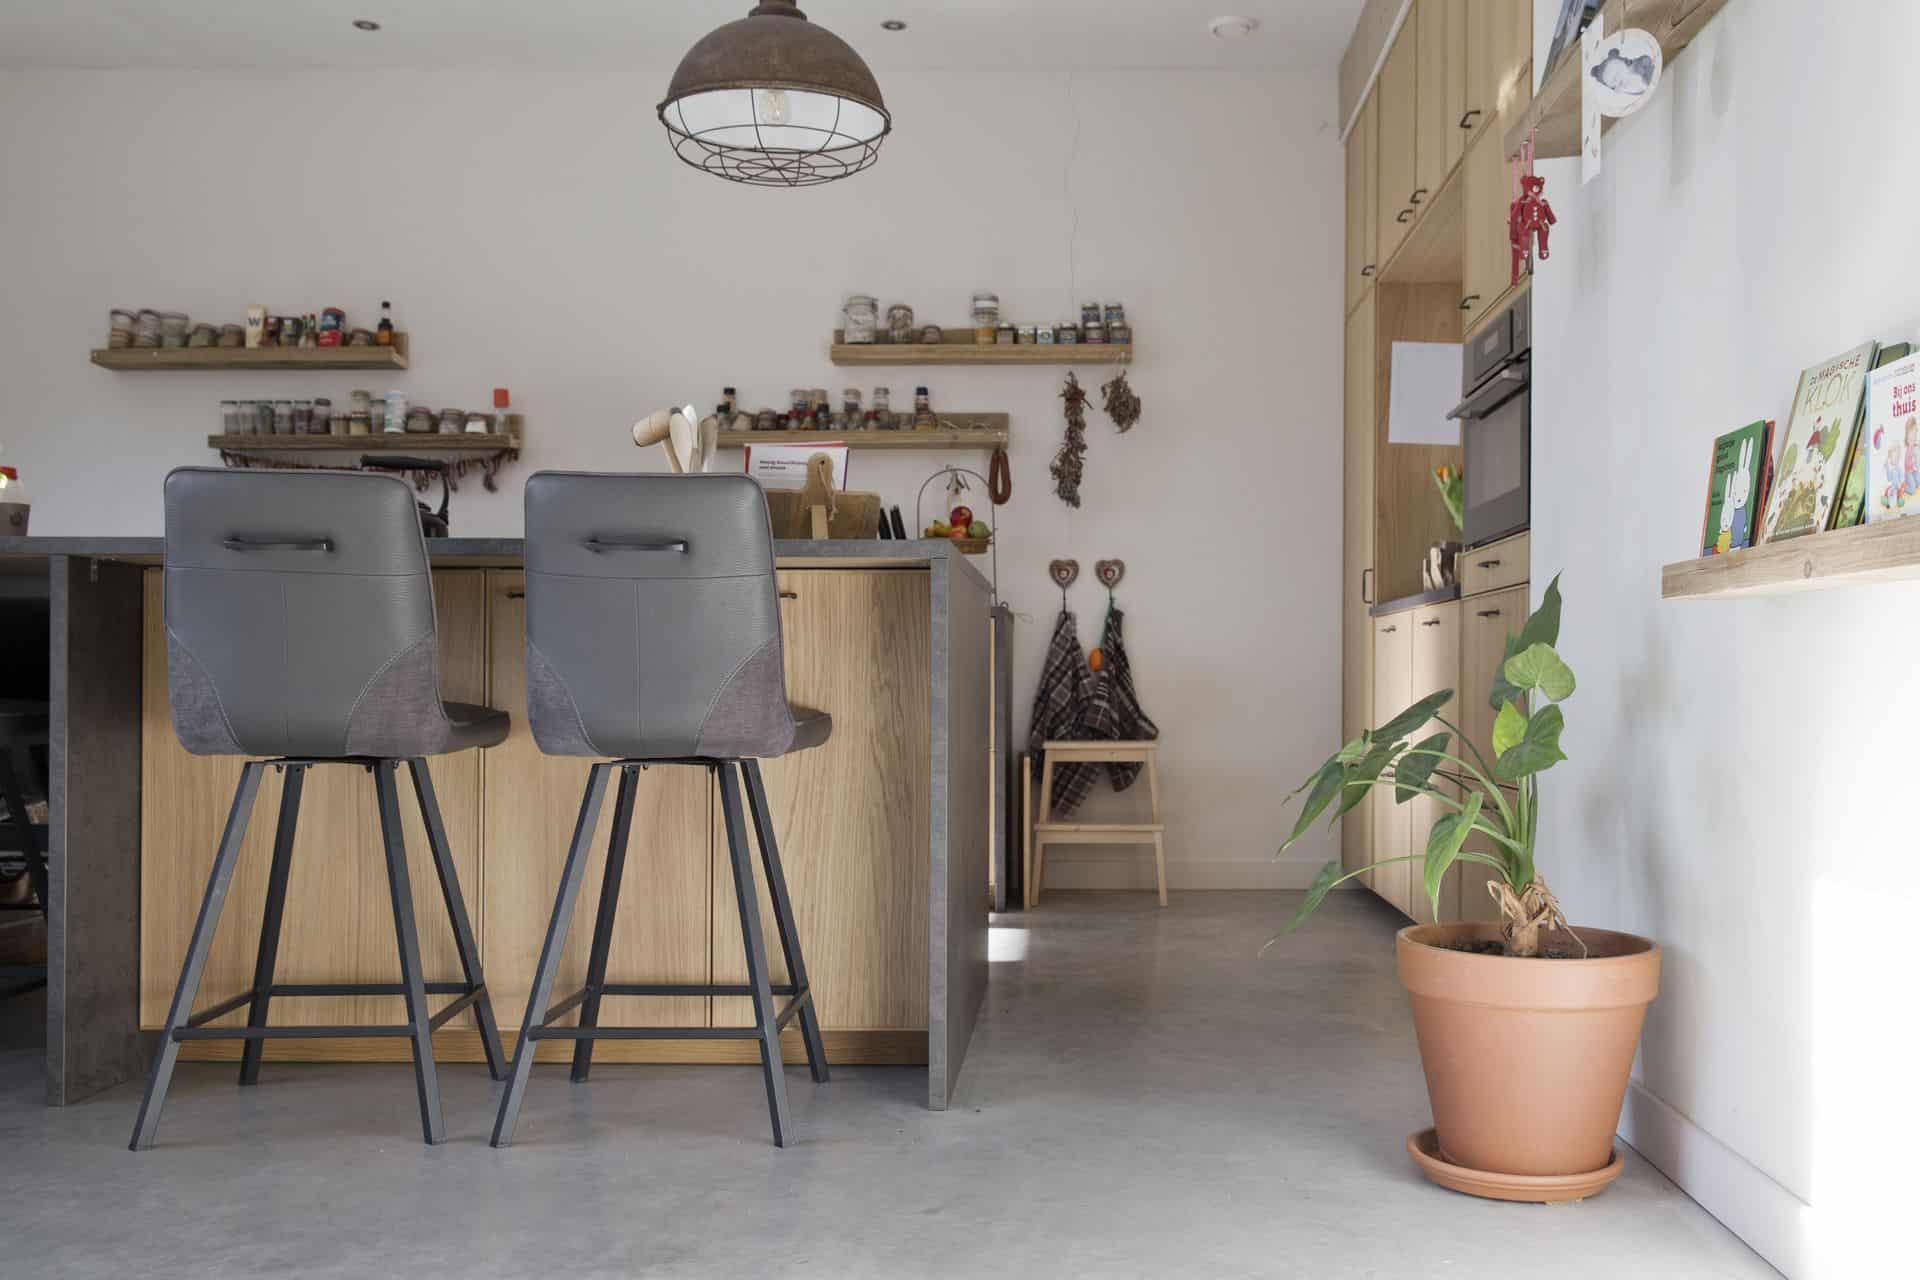 beton vlinderen, gepolierde betonvloer, gepolierd beton